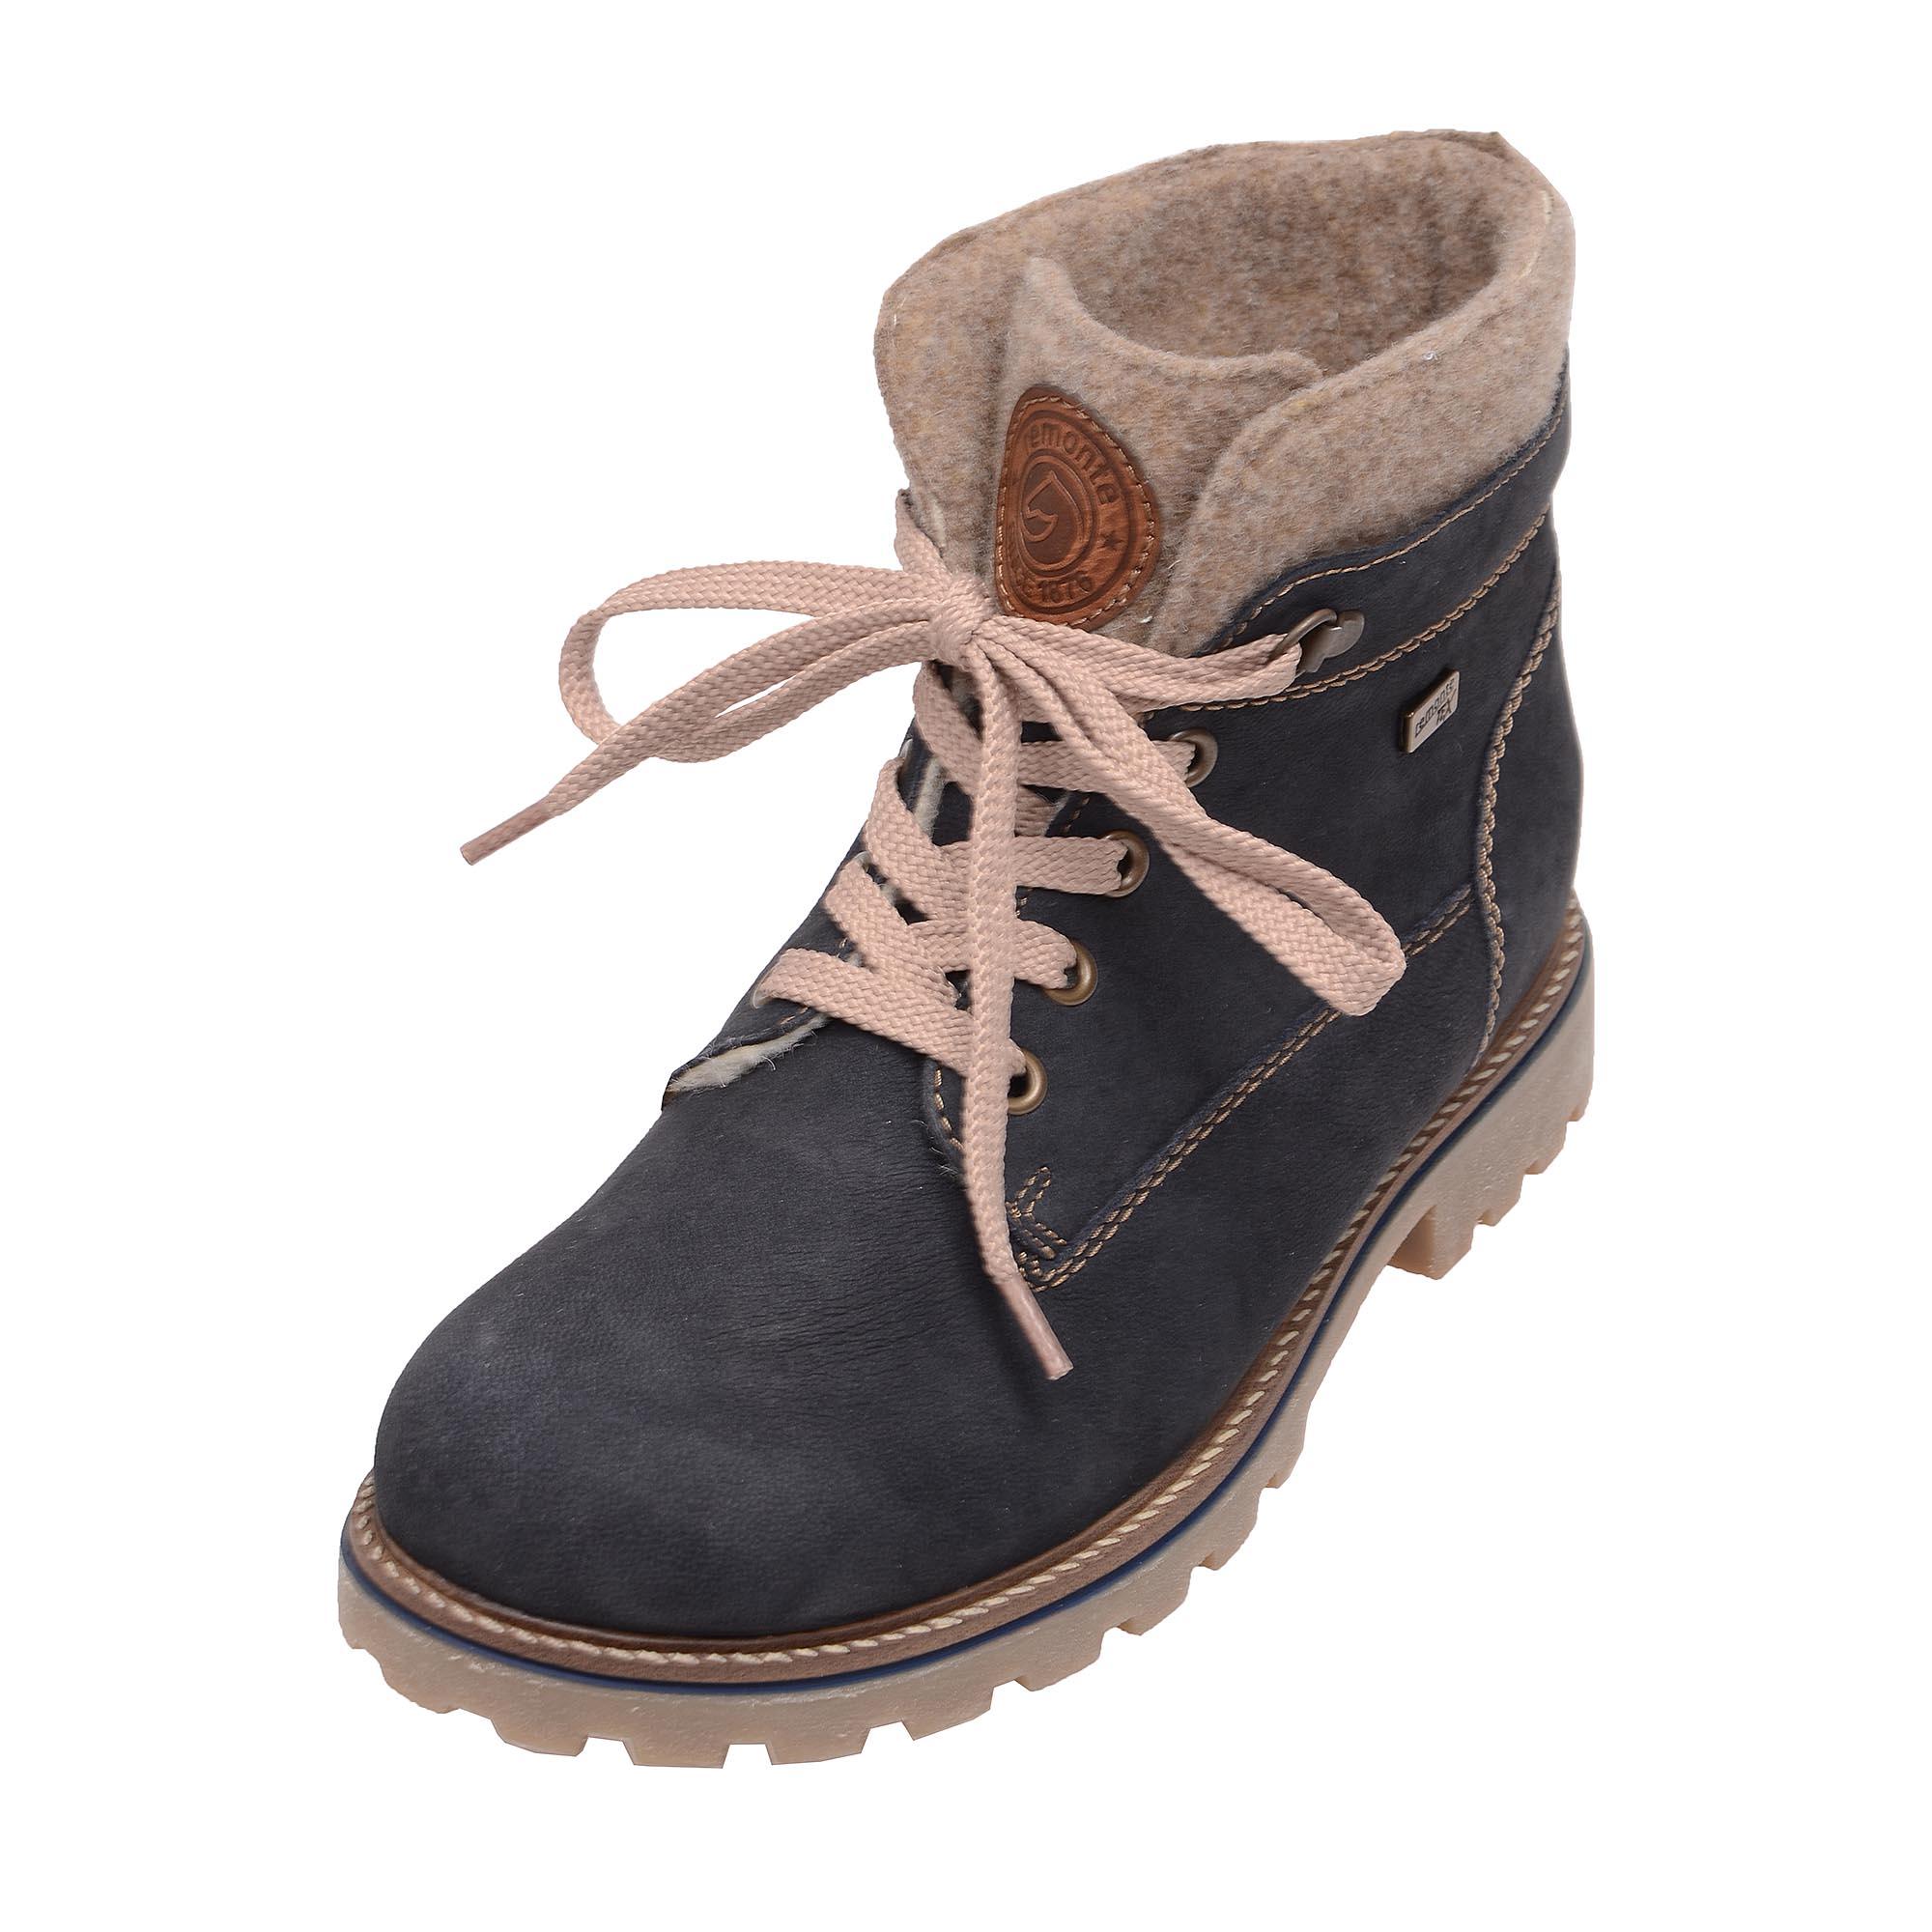 05f31b228b detail Dámska obuv RIEKER - REMONTE D7476 14 BLAU KOMBI H W 7